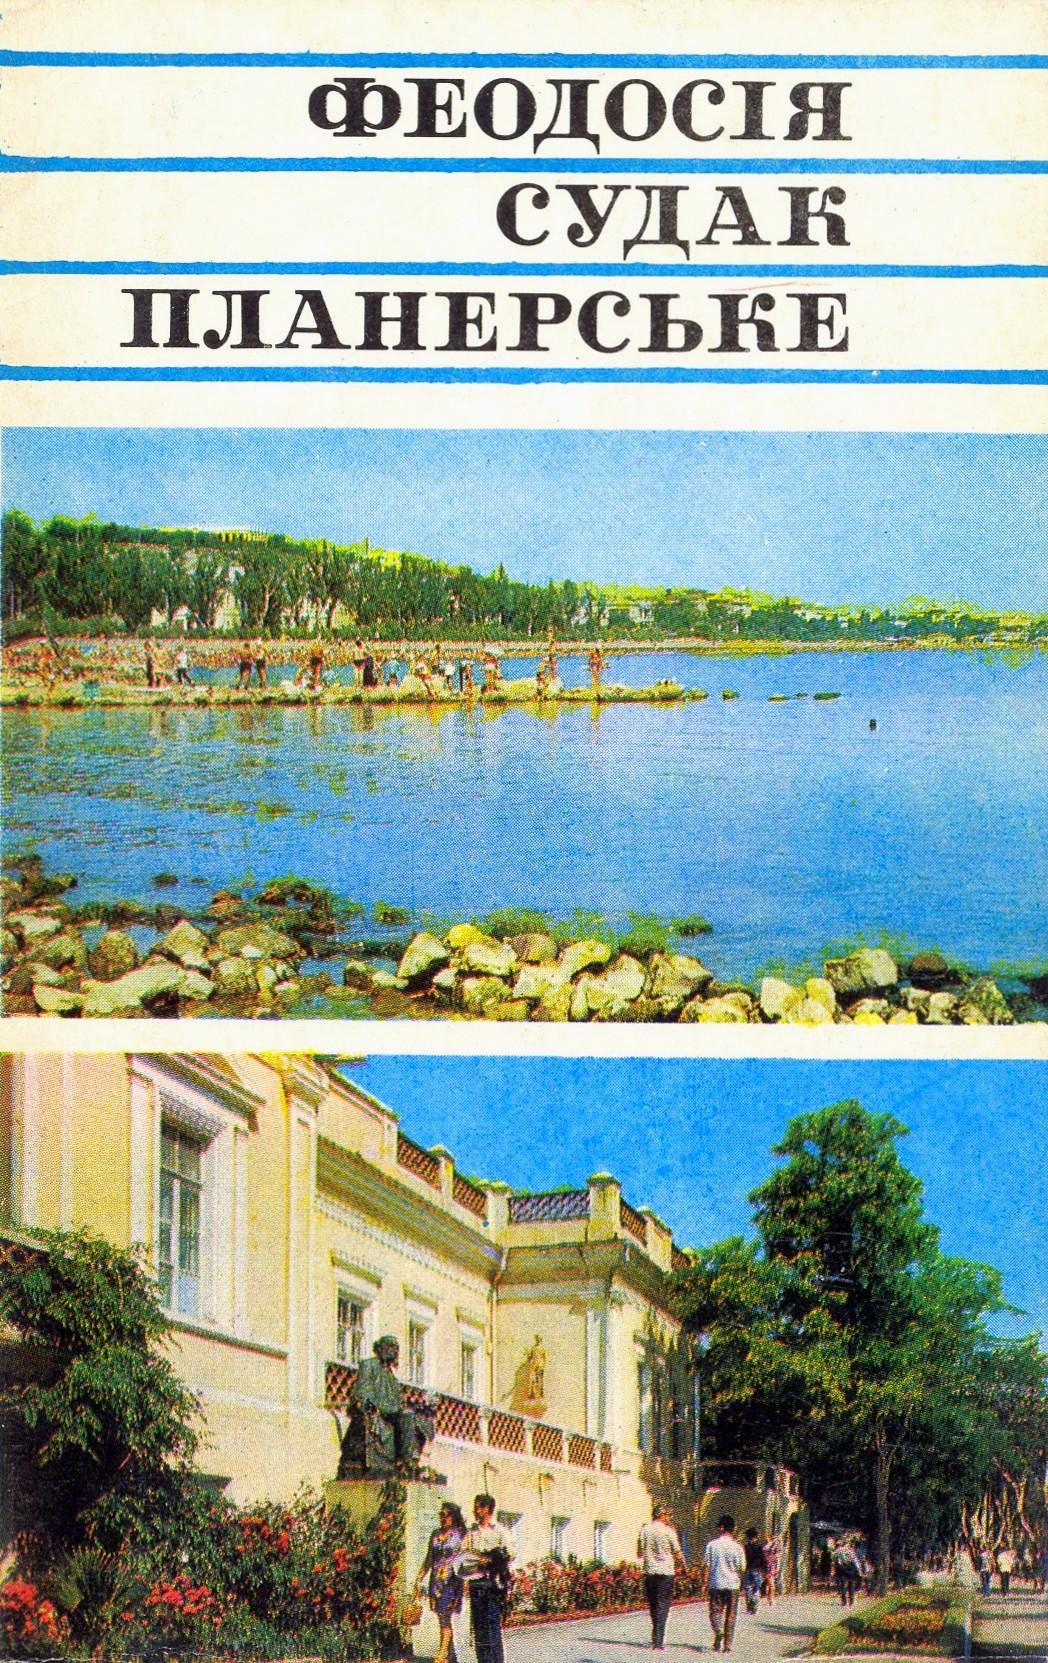 ZAVODFOTO / История городов России в фотографиях: Крым в 1977 году